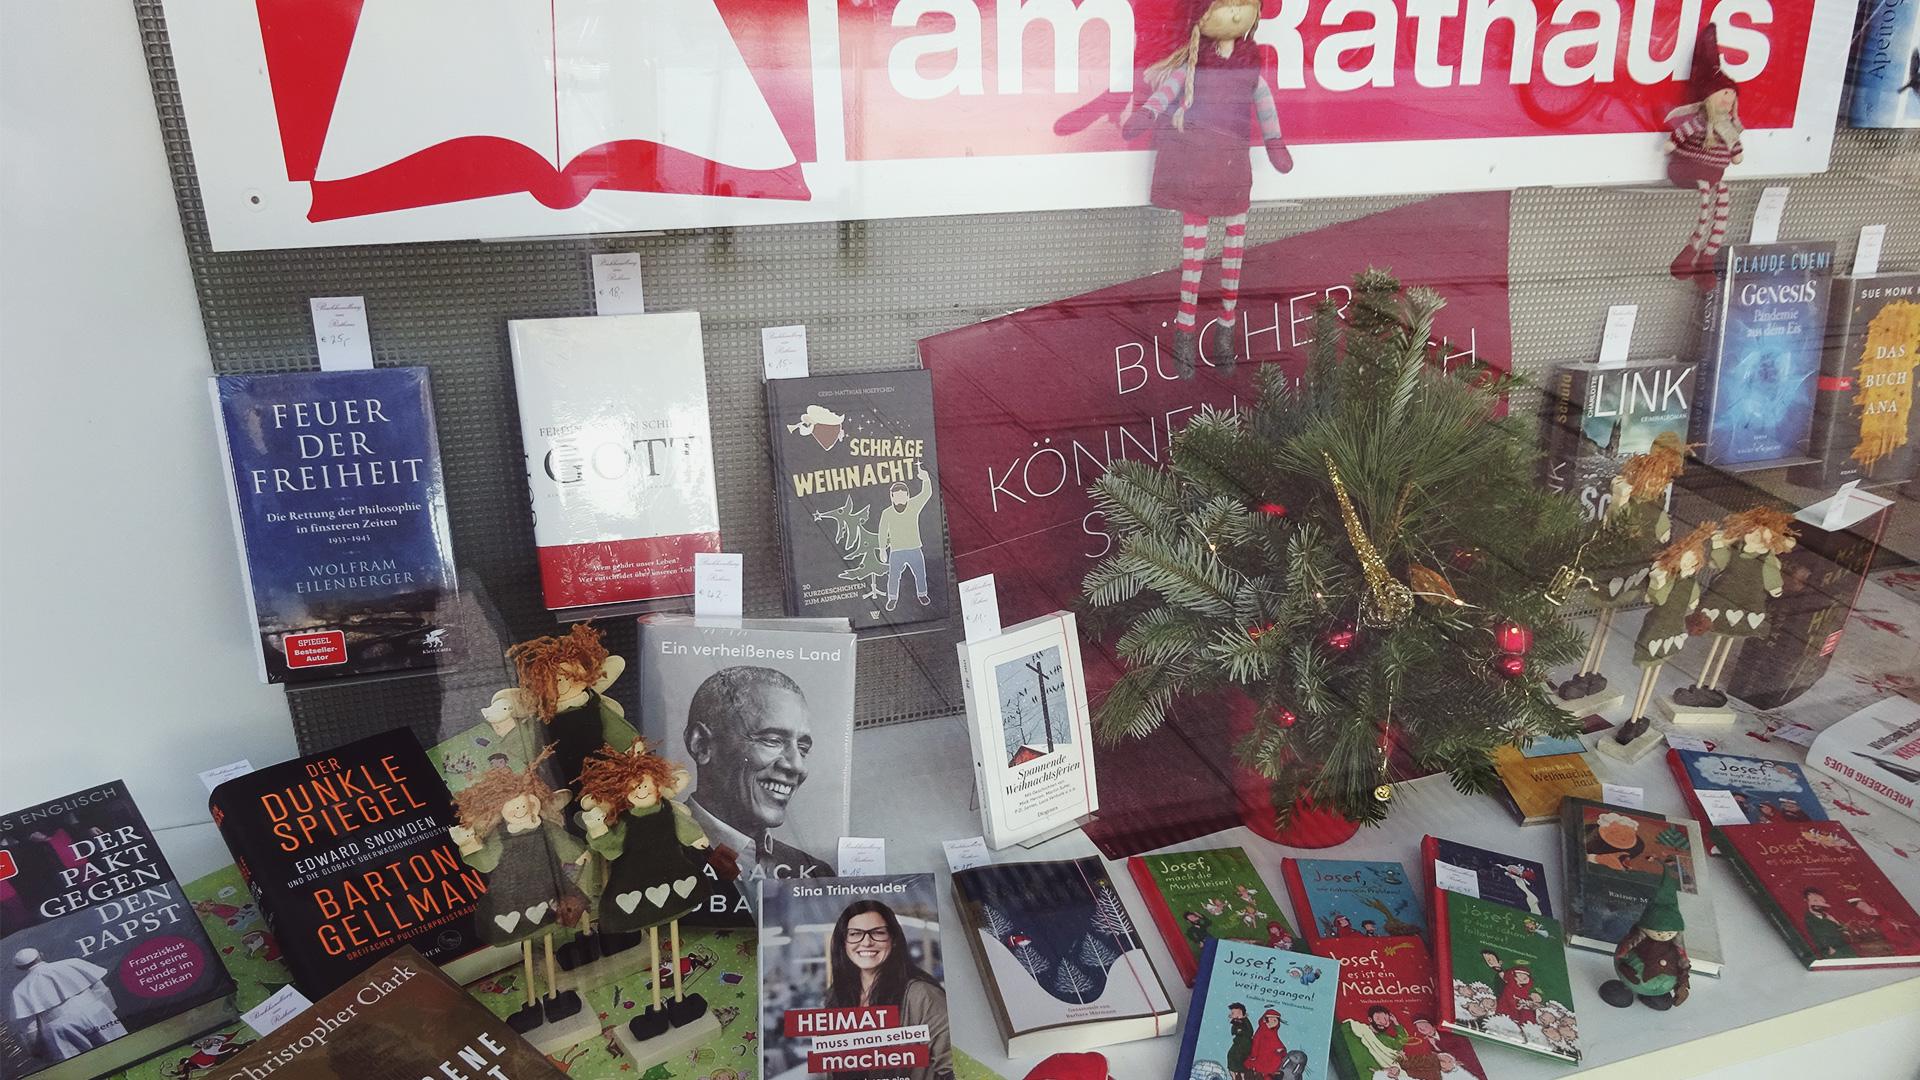 Weihnachtsschaufenster mit einer Auswahl von aktuellen und themenspezifischen Büchern